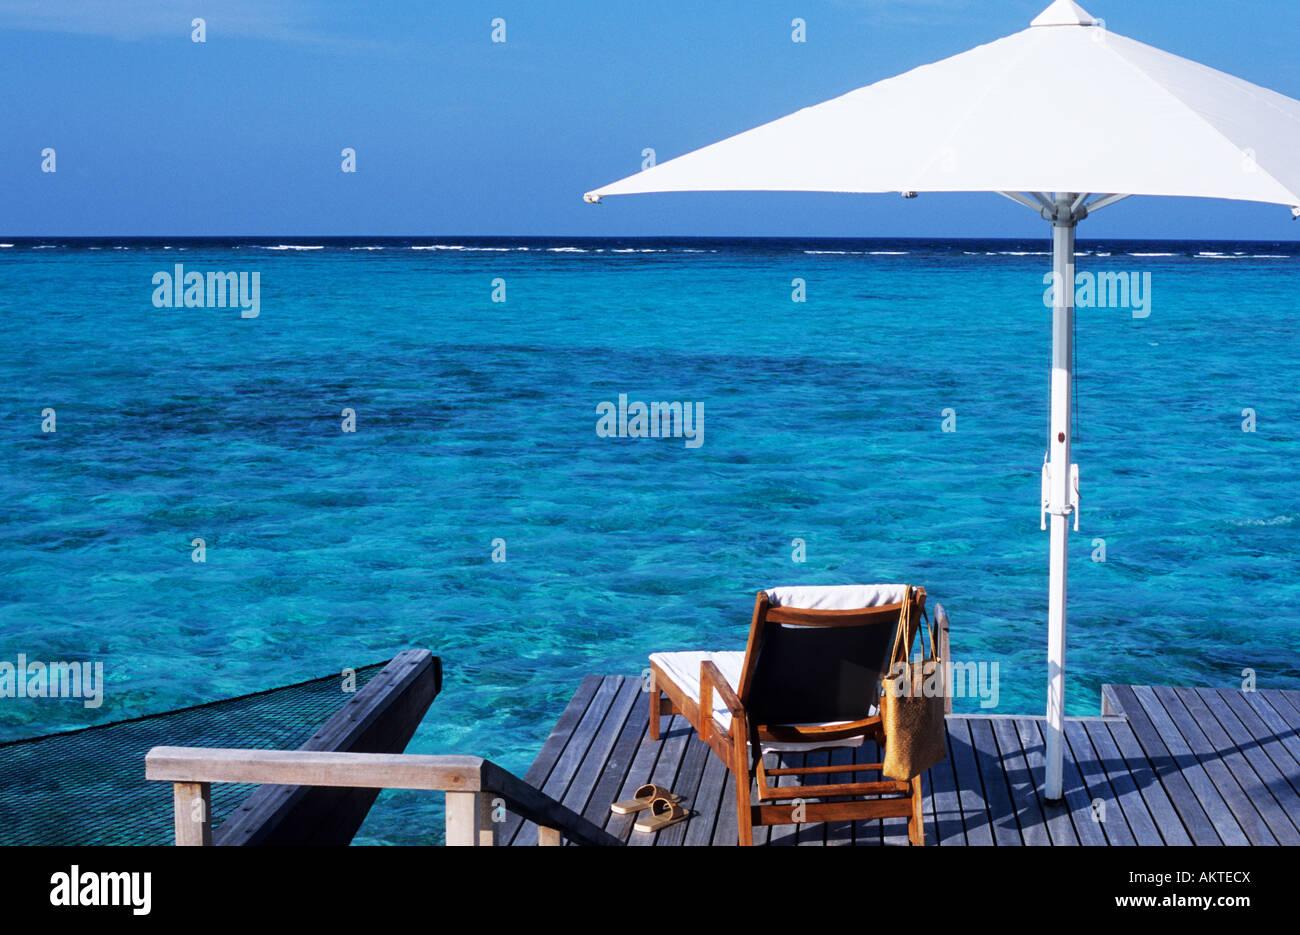 Maldive, North Malè Atoll, One & Only Reethi Rah Hotel, terrazza di una villa su palafitte Foto Stock